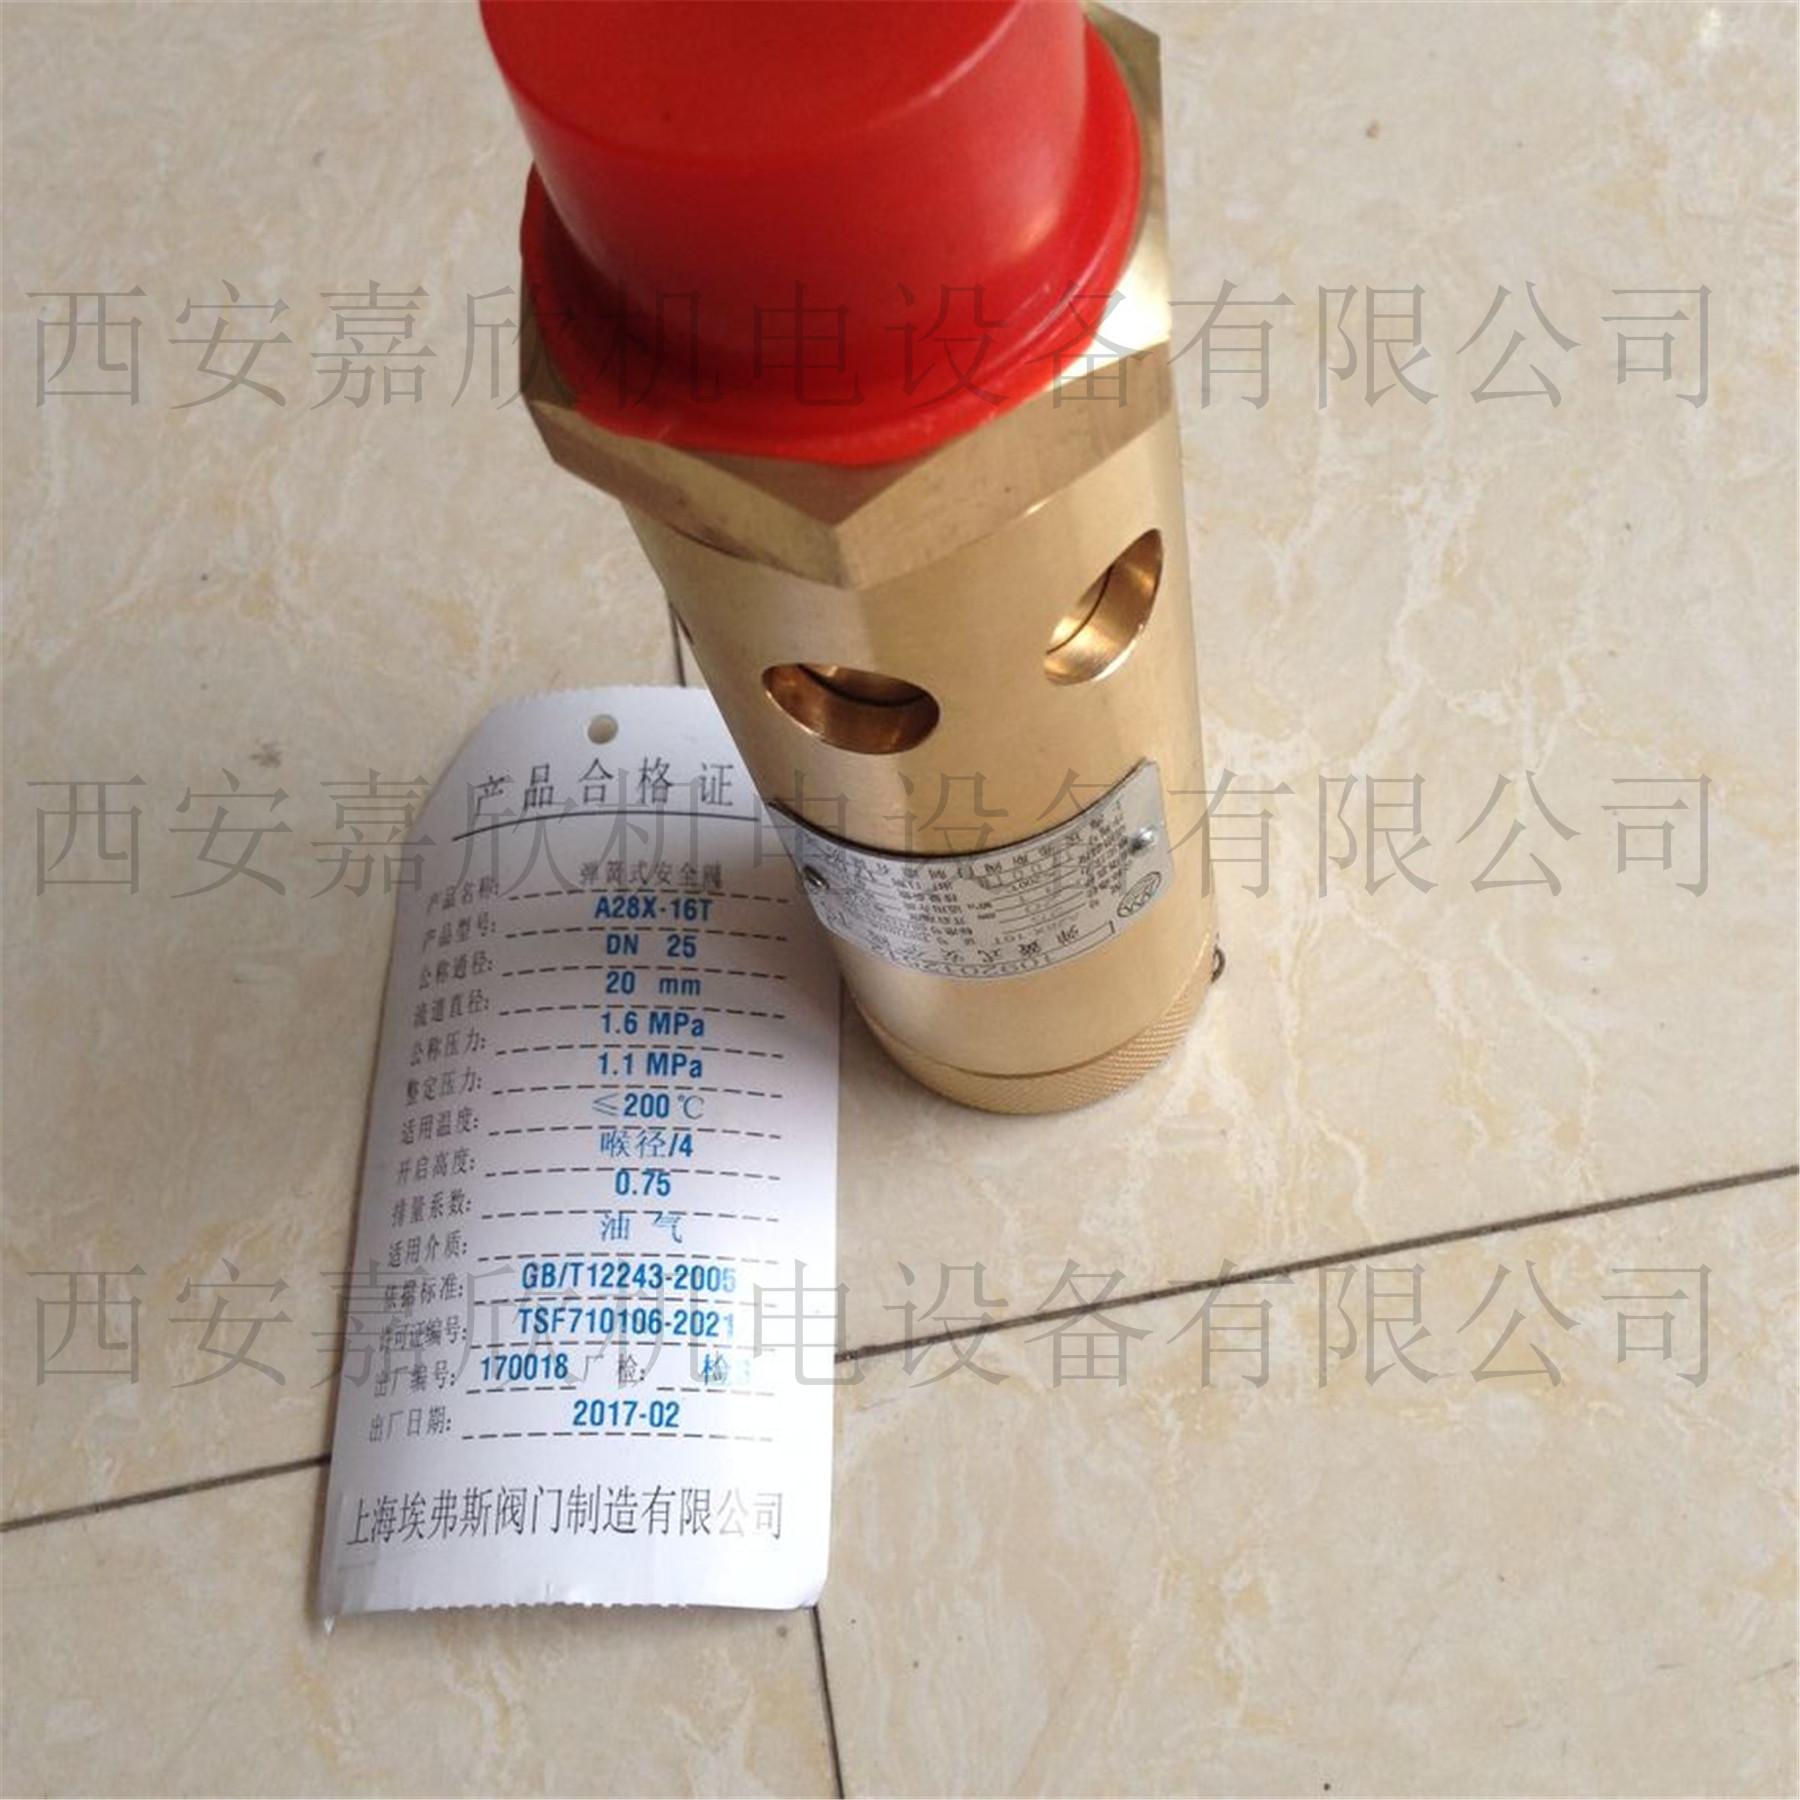 1092012512 kompressor säkerhetsventil, skruvkompressorer säkerhetsventil